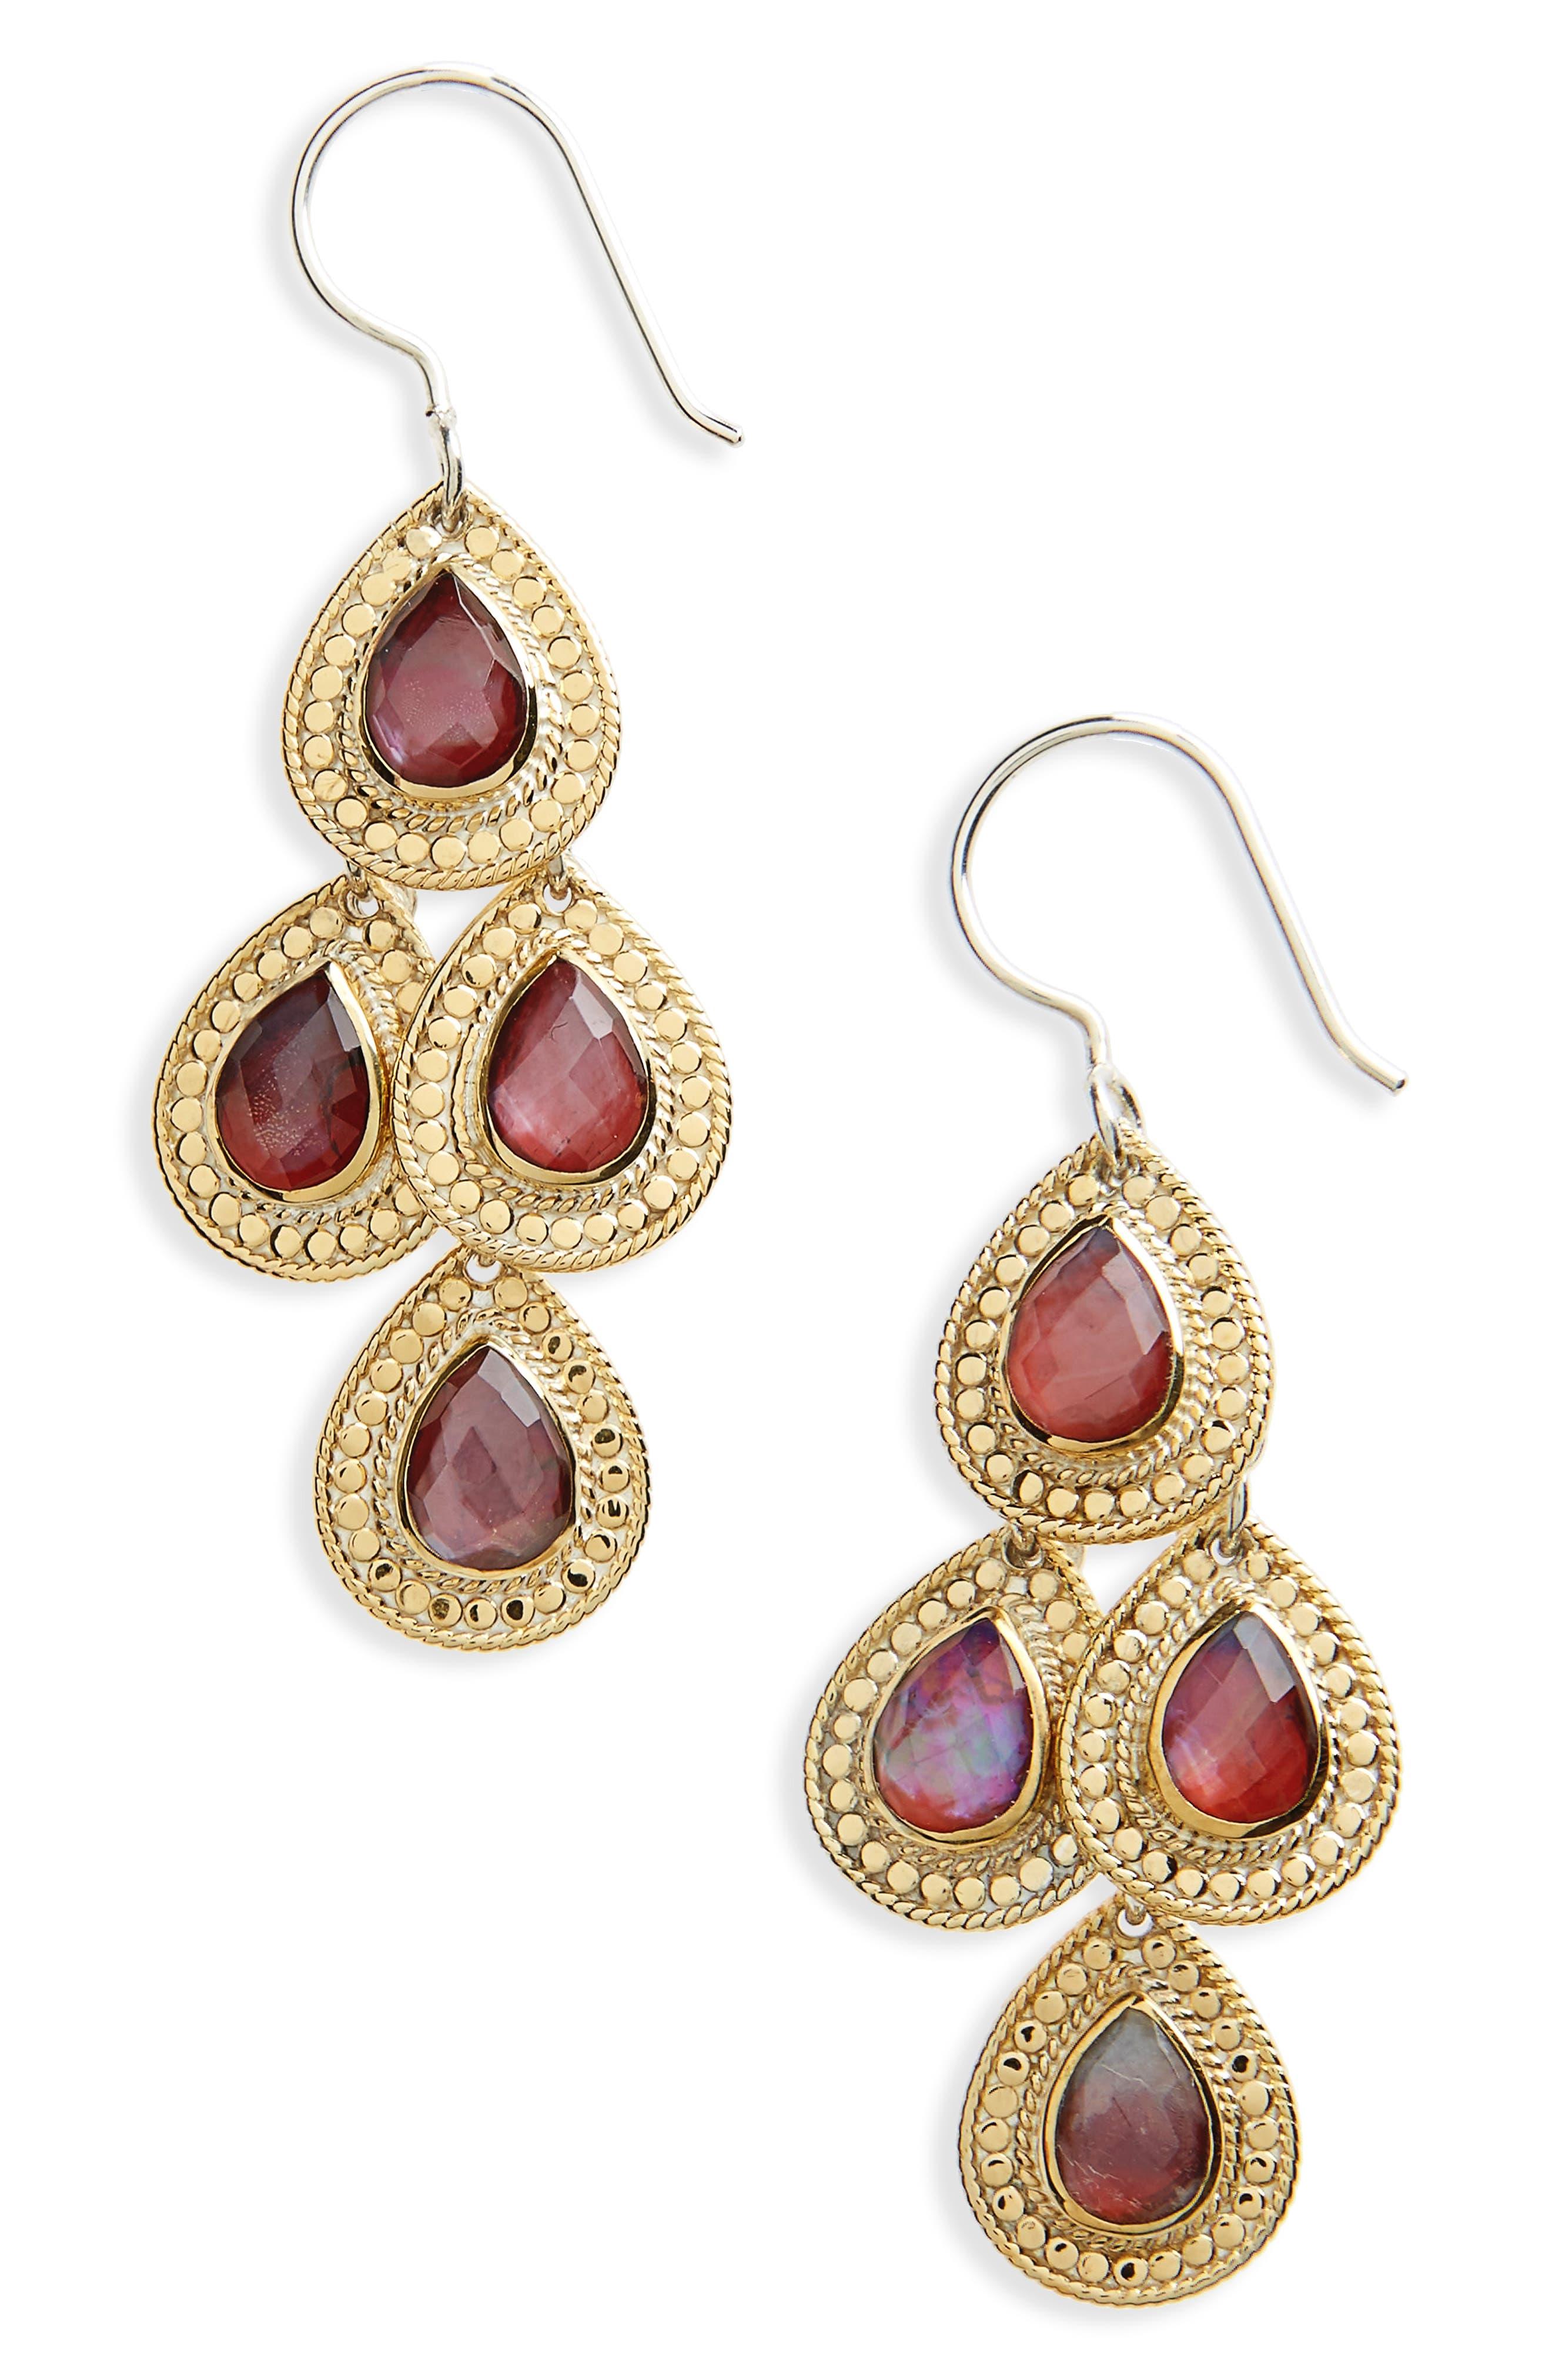 Stone Chandelier Earrings,                         Main,                         color, Gold/ Silver/ Garnet